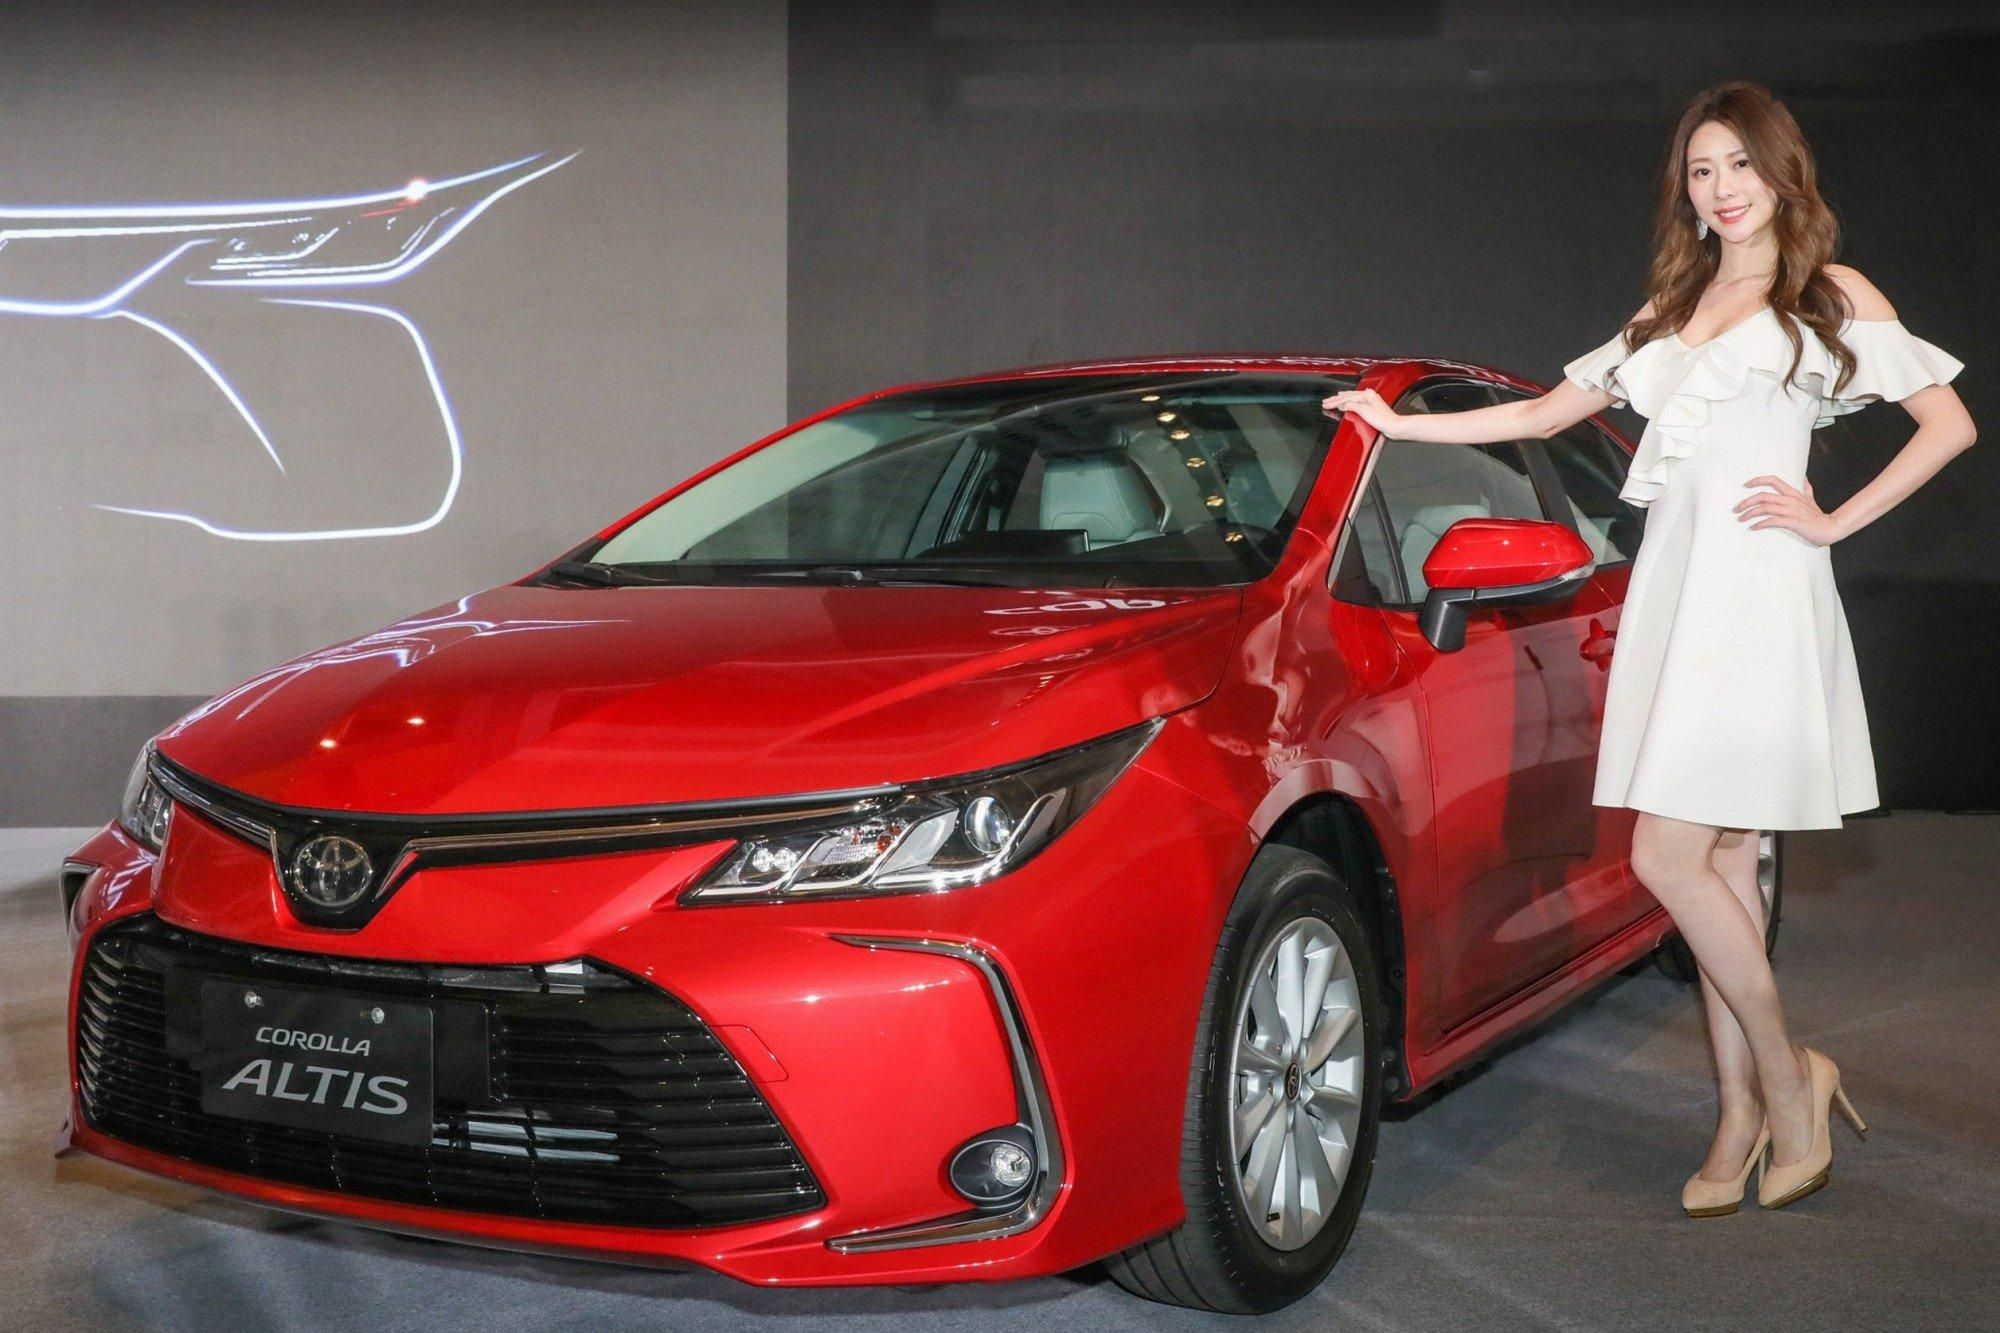 Toyota Altis 2020 chốt ngày ra mắt tại Thái Lan, sắp về Việt Nam? Ảnh 1